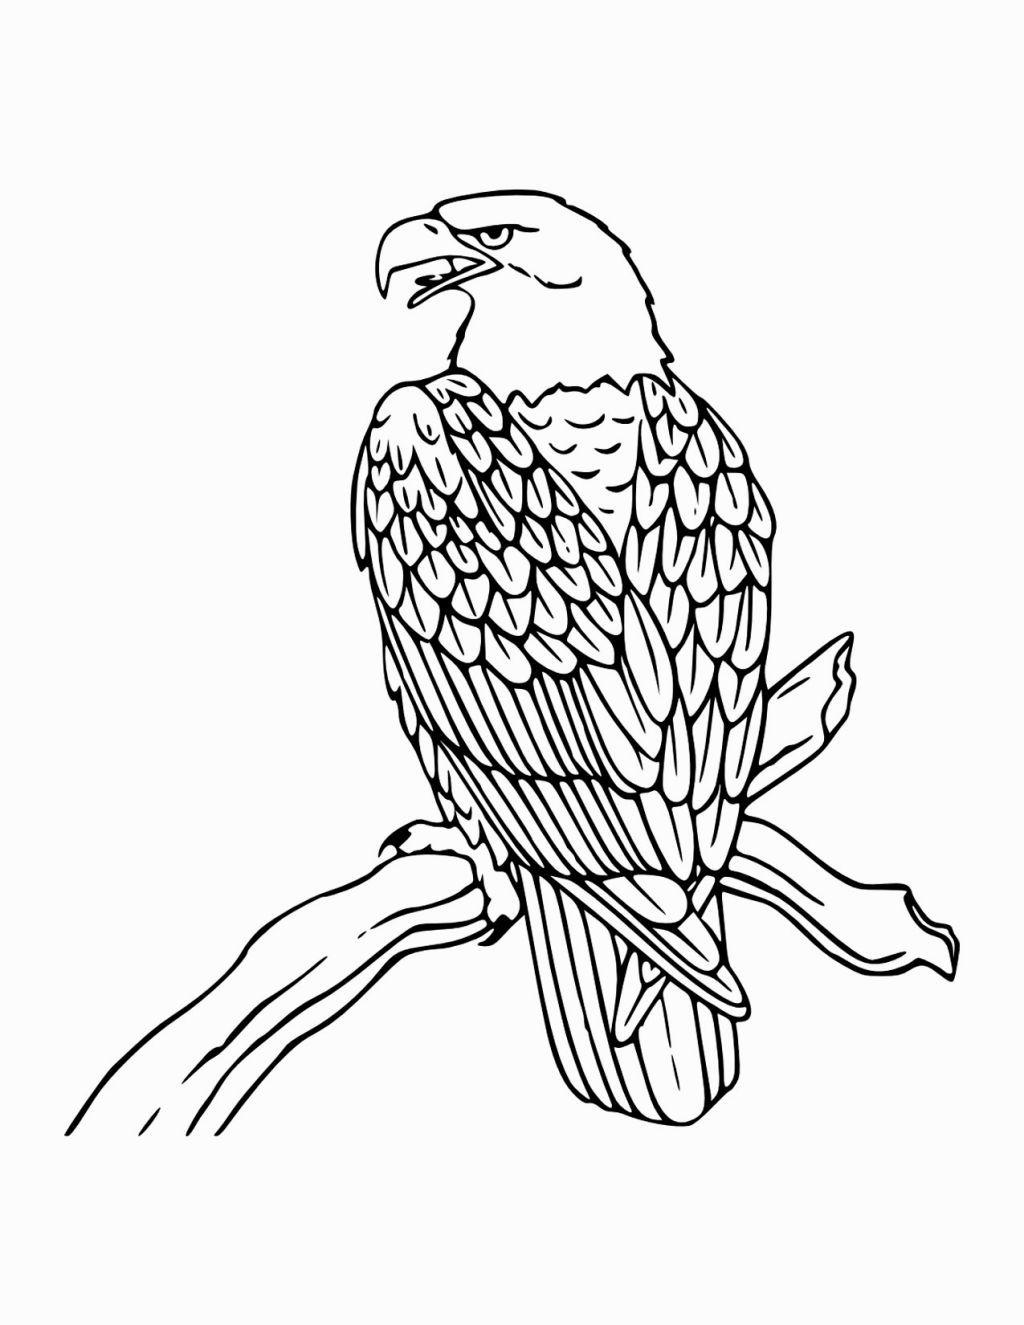 Bald Eagle Coloring Sheet